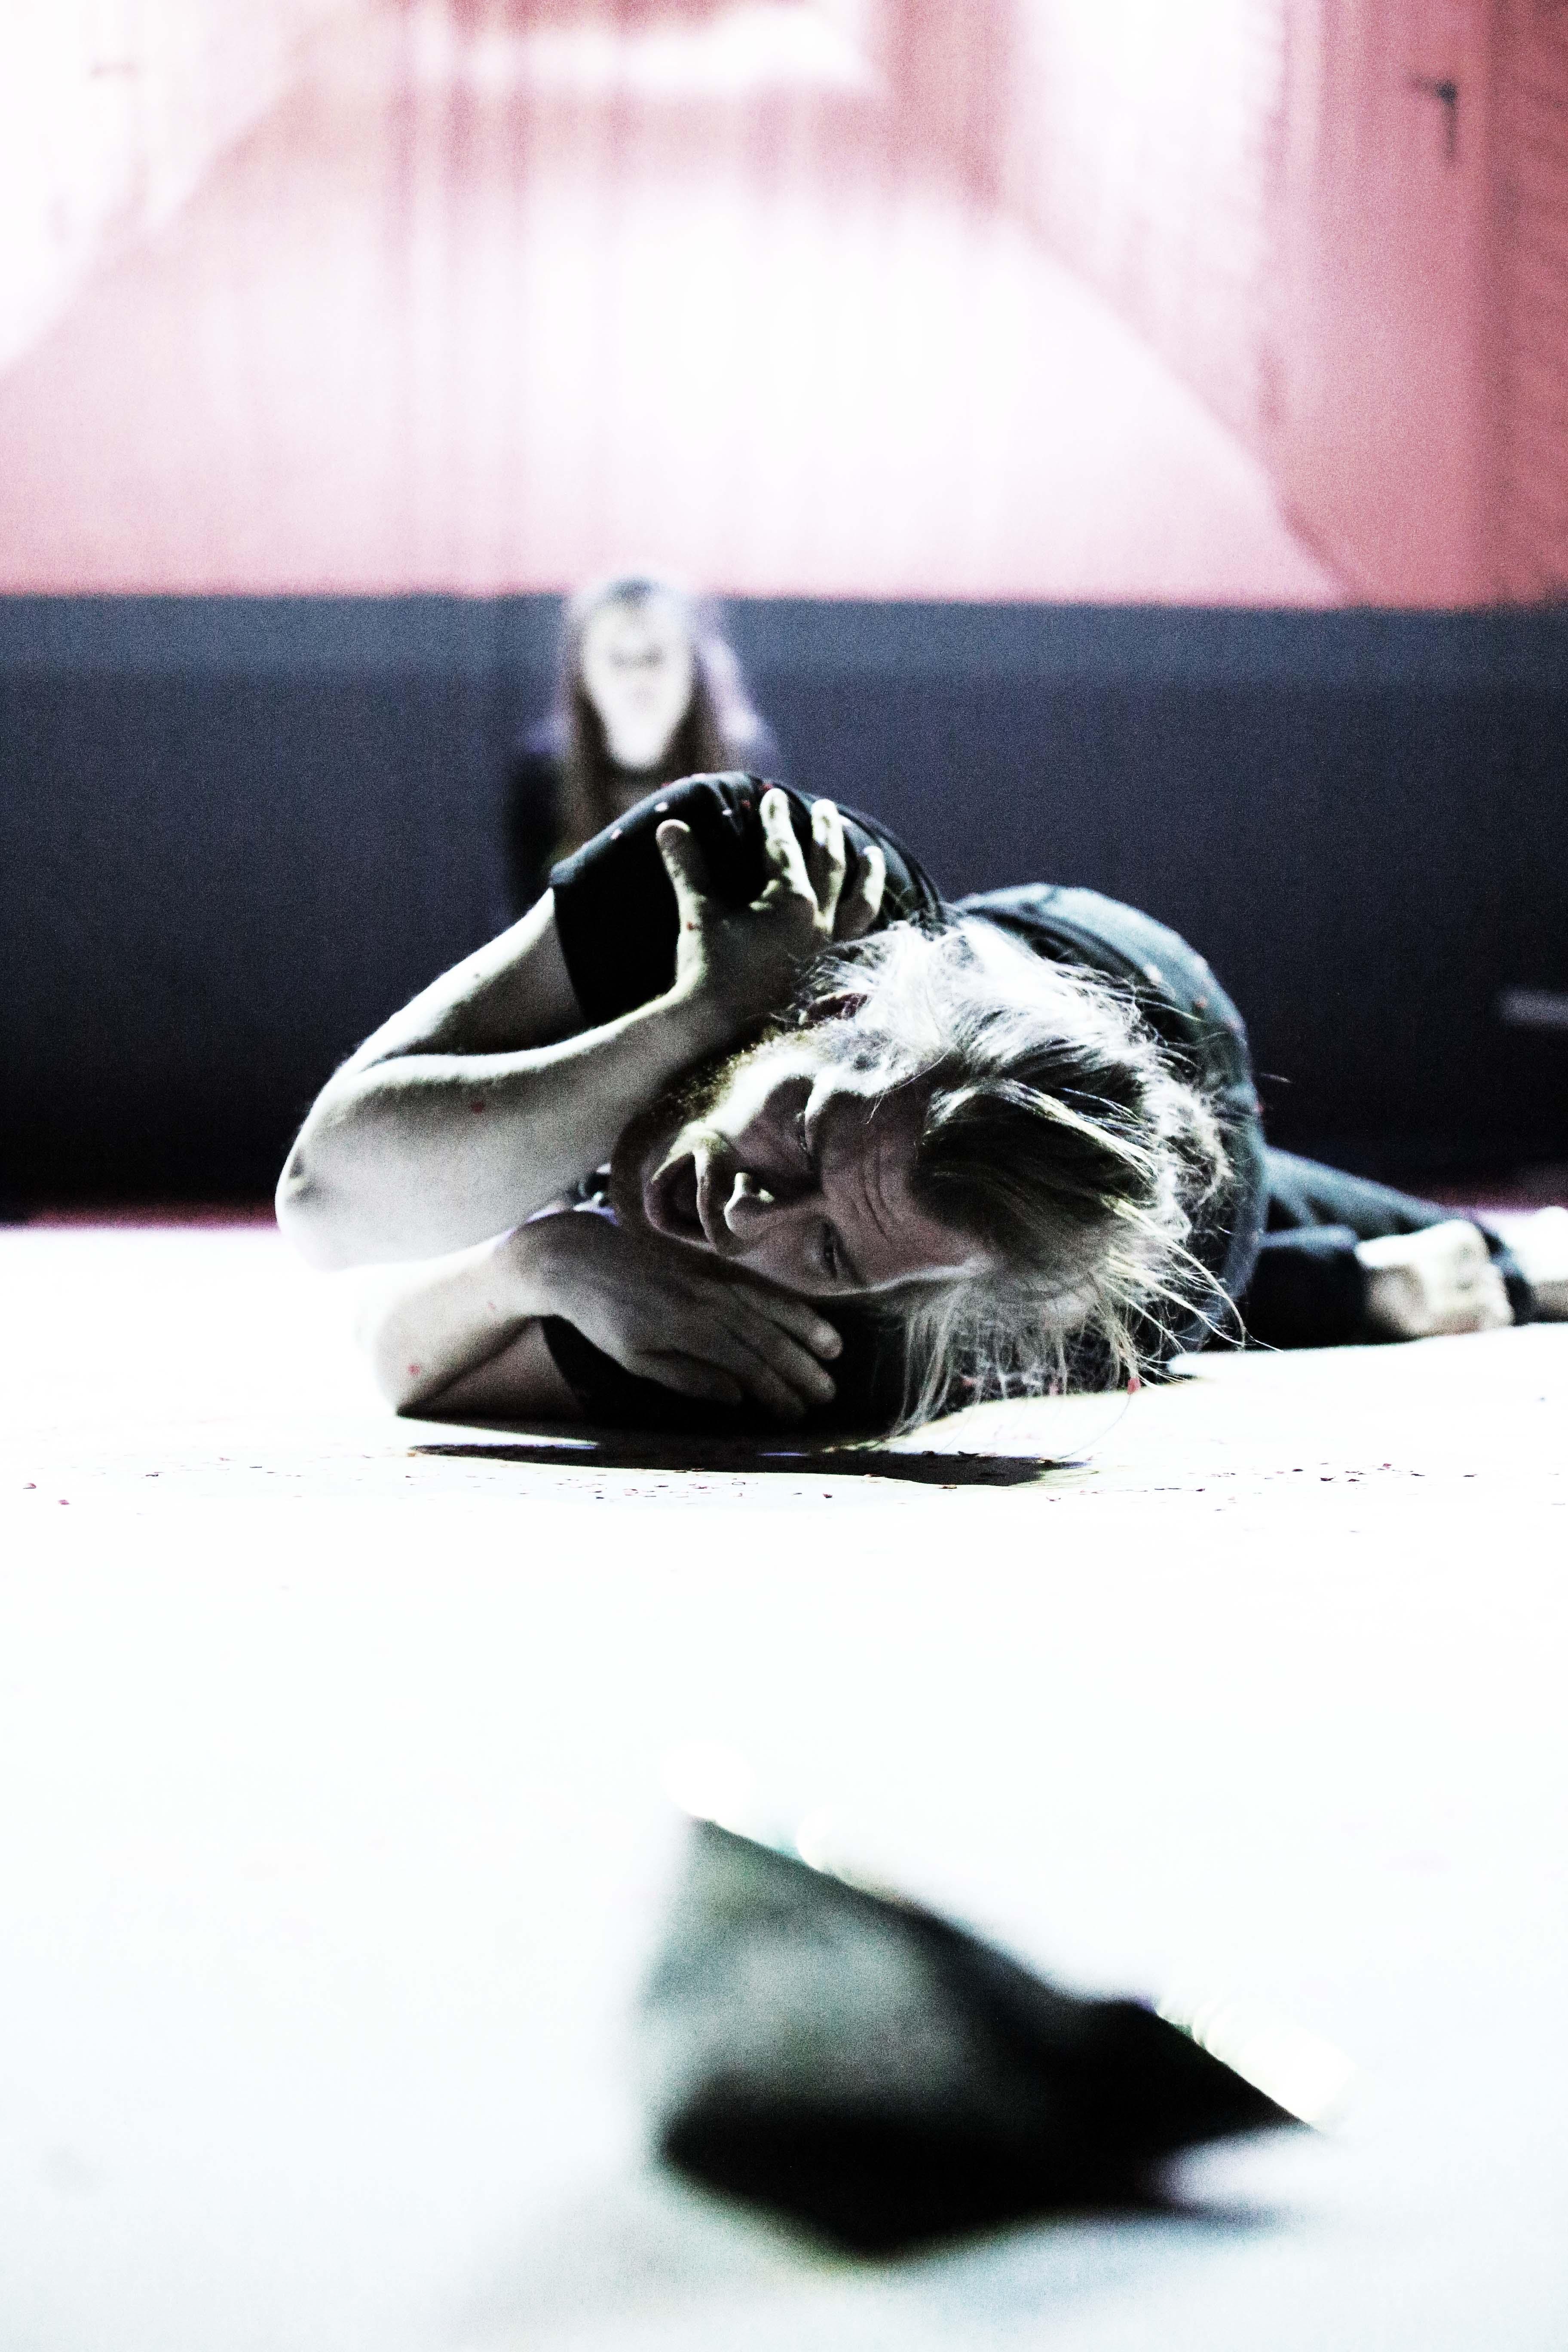 Der gleiche Mann liegt auf dem Boden. Er schreit oder weint. Im Hintergrund ist die Frau zu erkennen. Der Hintegrund ist schwarz rot getränkt.